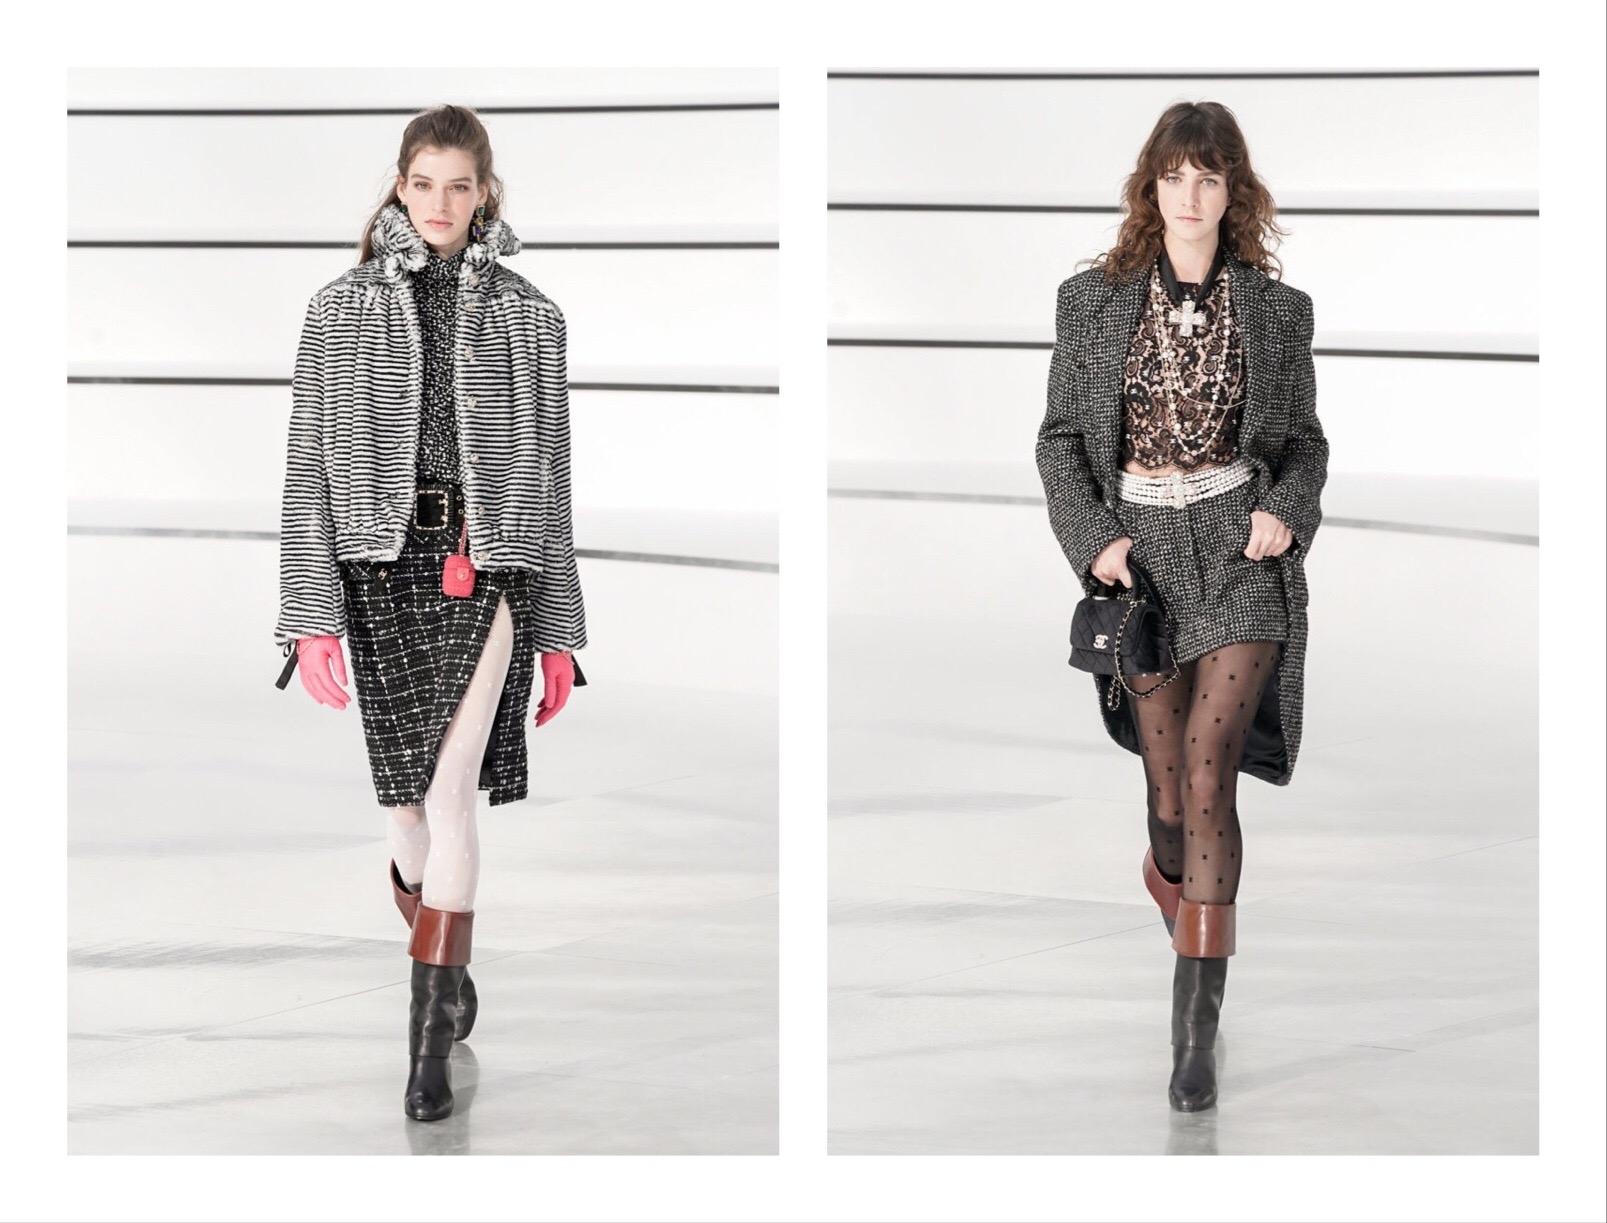 Парижский шик в лучших традициях Chanel: обзор коллекции (ФОТО) - фото №1